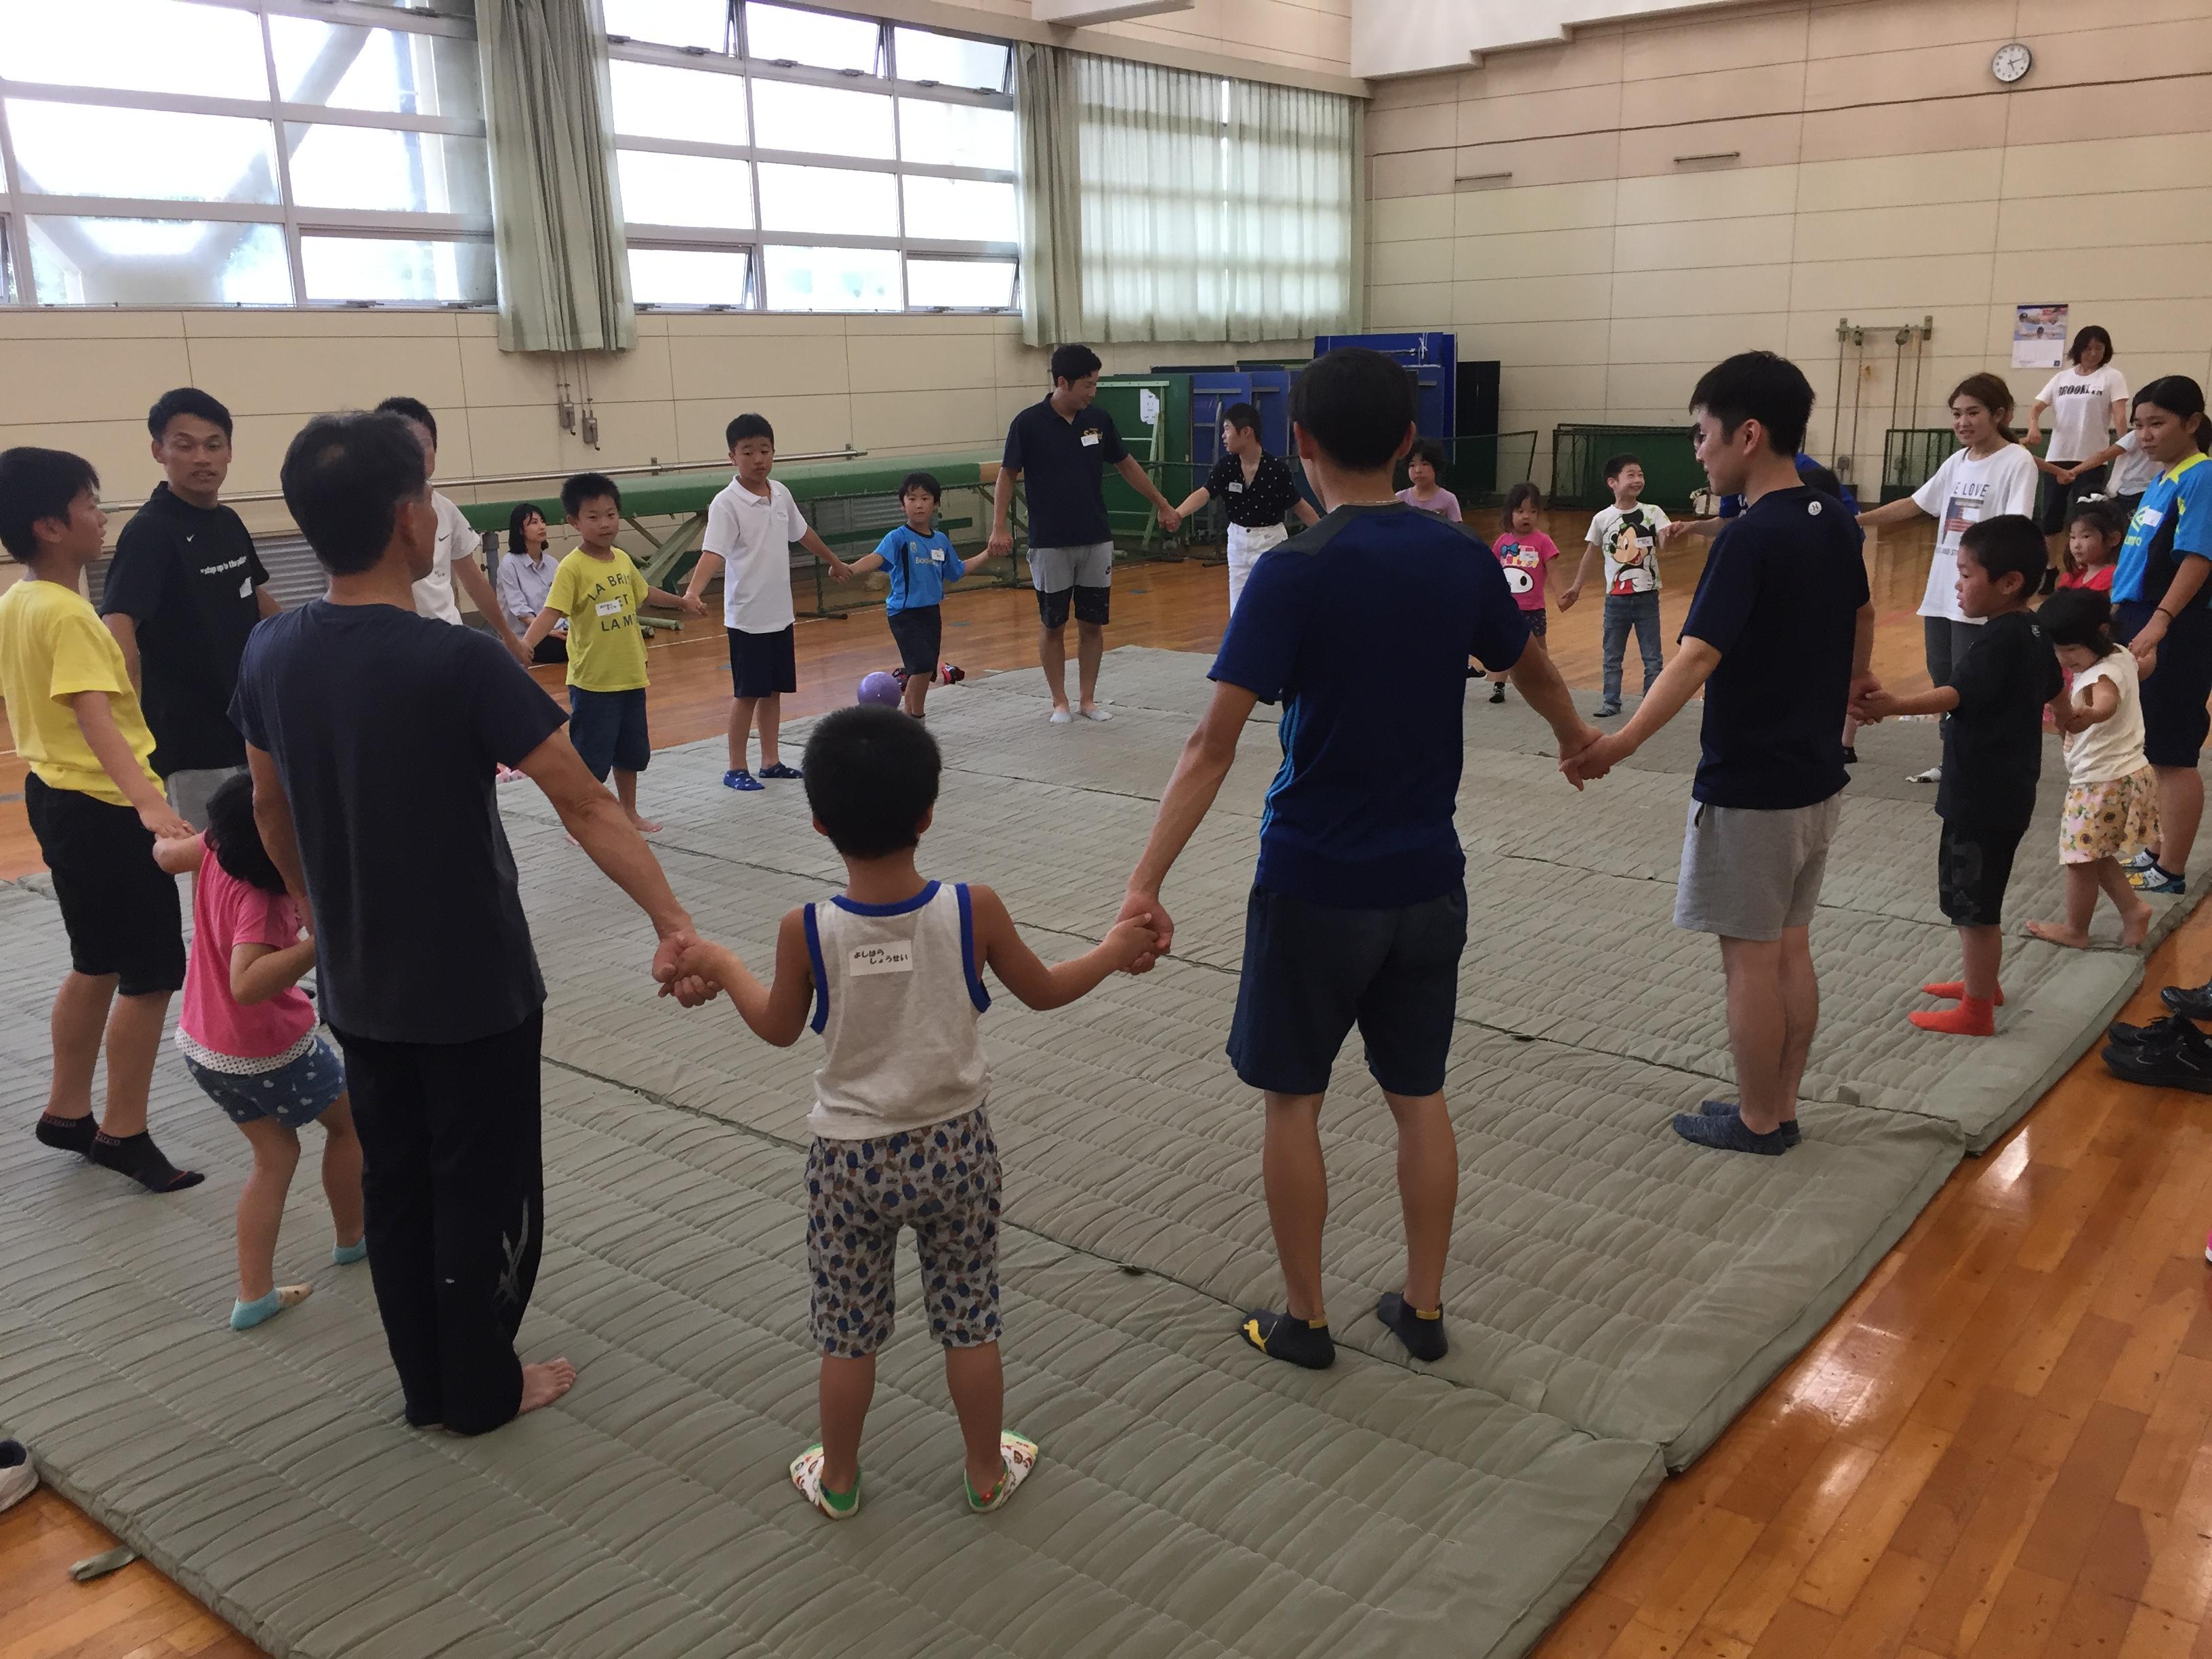 チャレンジスポーツ教室